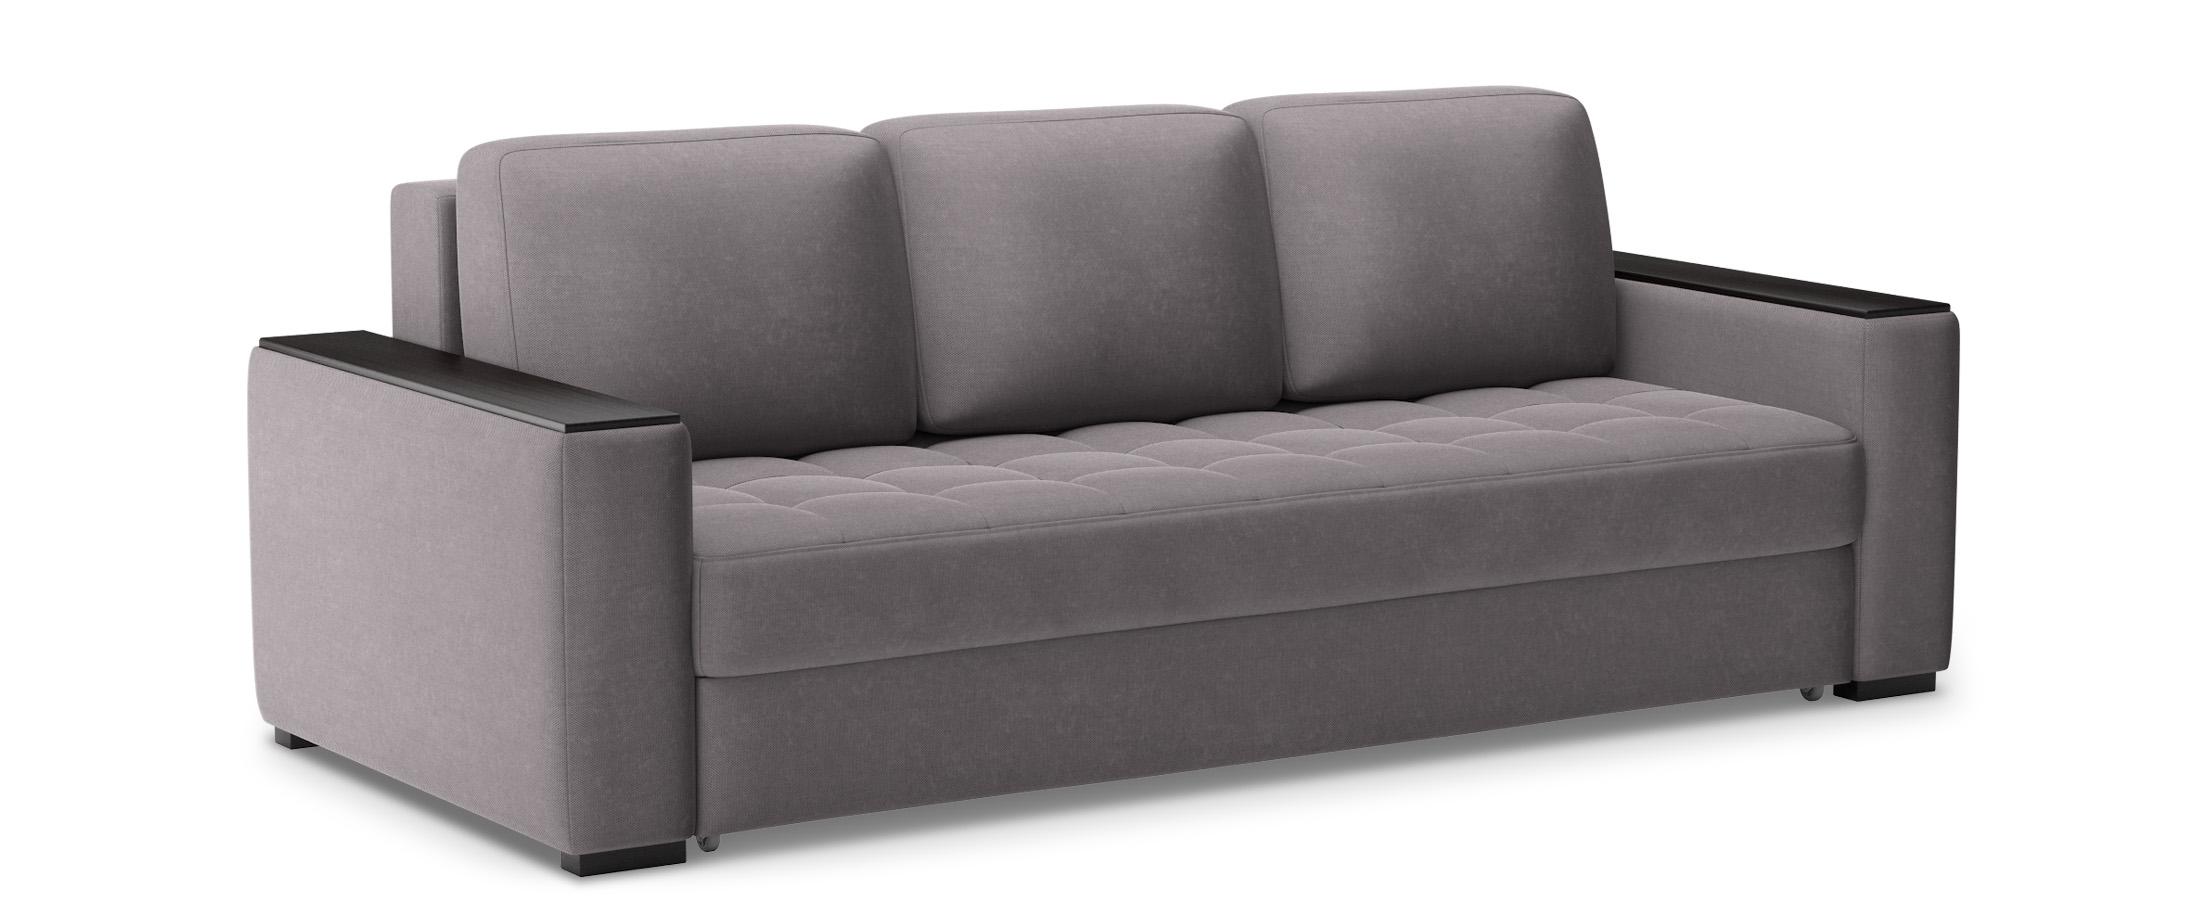 Диван прямой еврокнижка Милан 127Гостевой вариант и полноценное спальное место. Размеры 242х106х93 см. Купить серый диван еврокнижка в интернет-магазине MOON-TRADE.RU